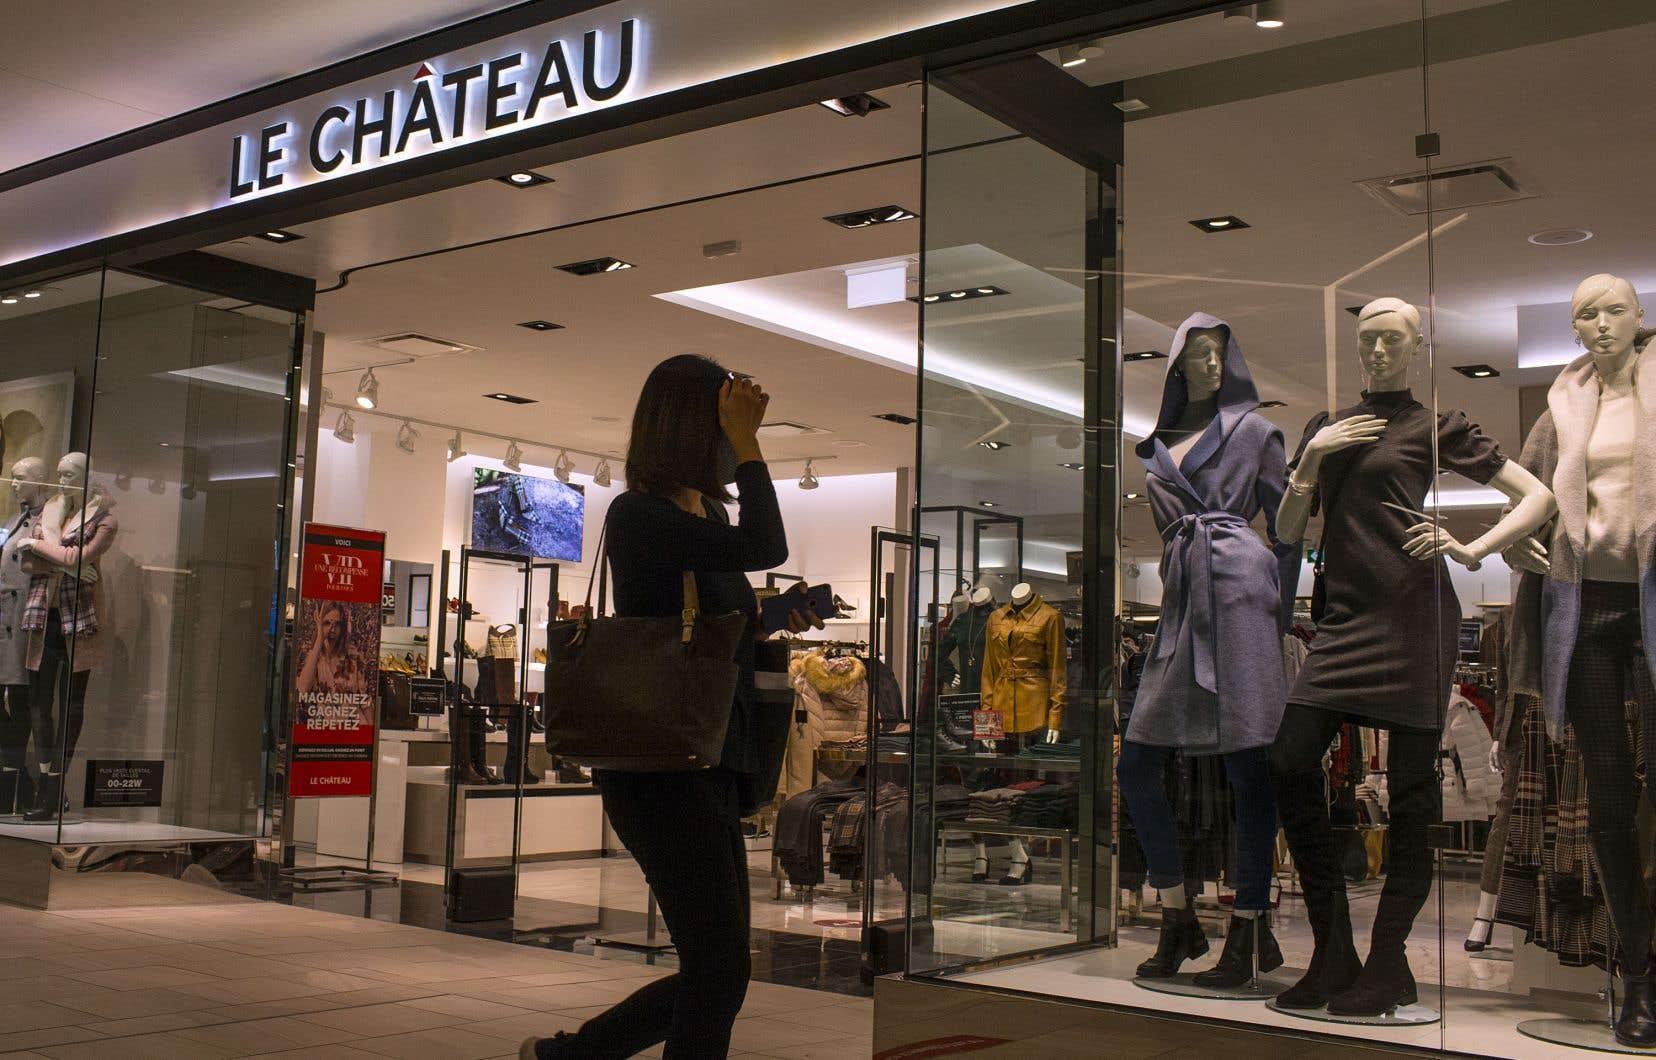 La chaîne Le Château a annoncé, vendredi, qu'elle comptait liquider ses actifs et cesser ses activités.